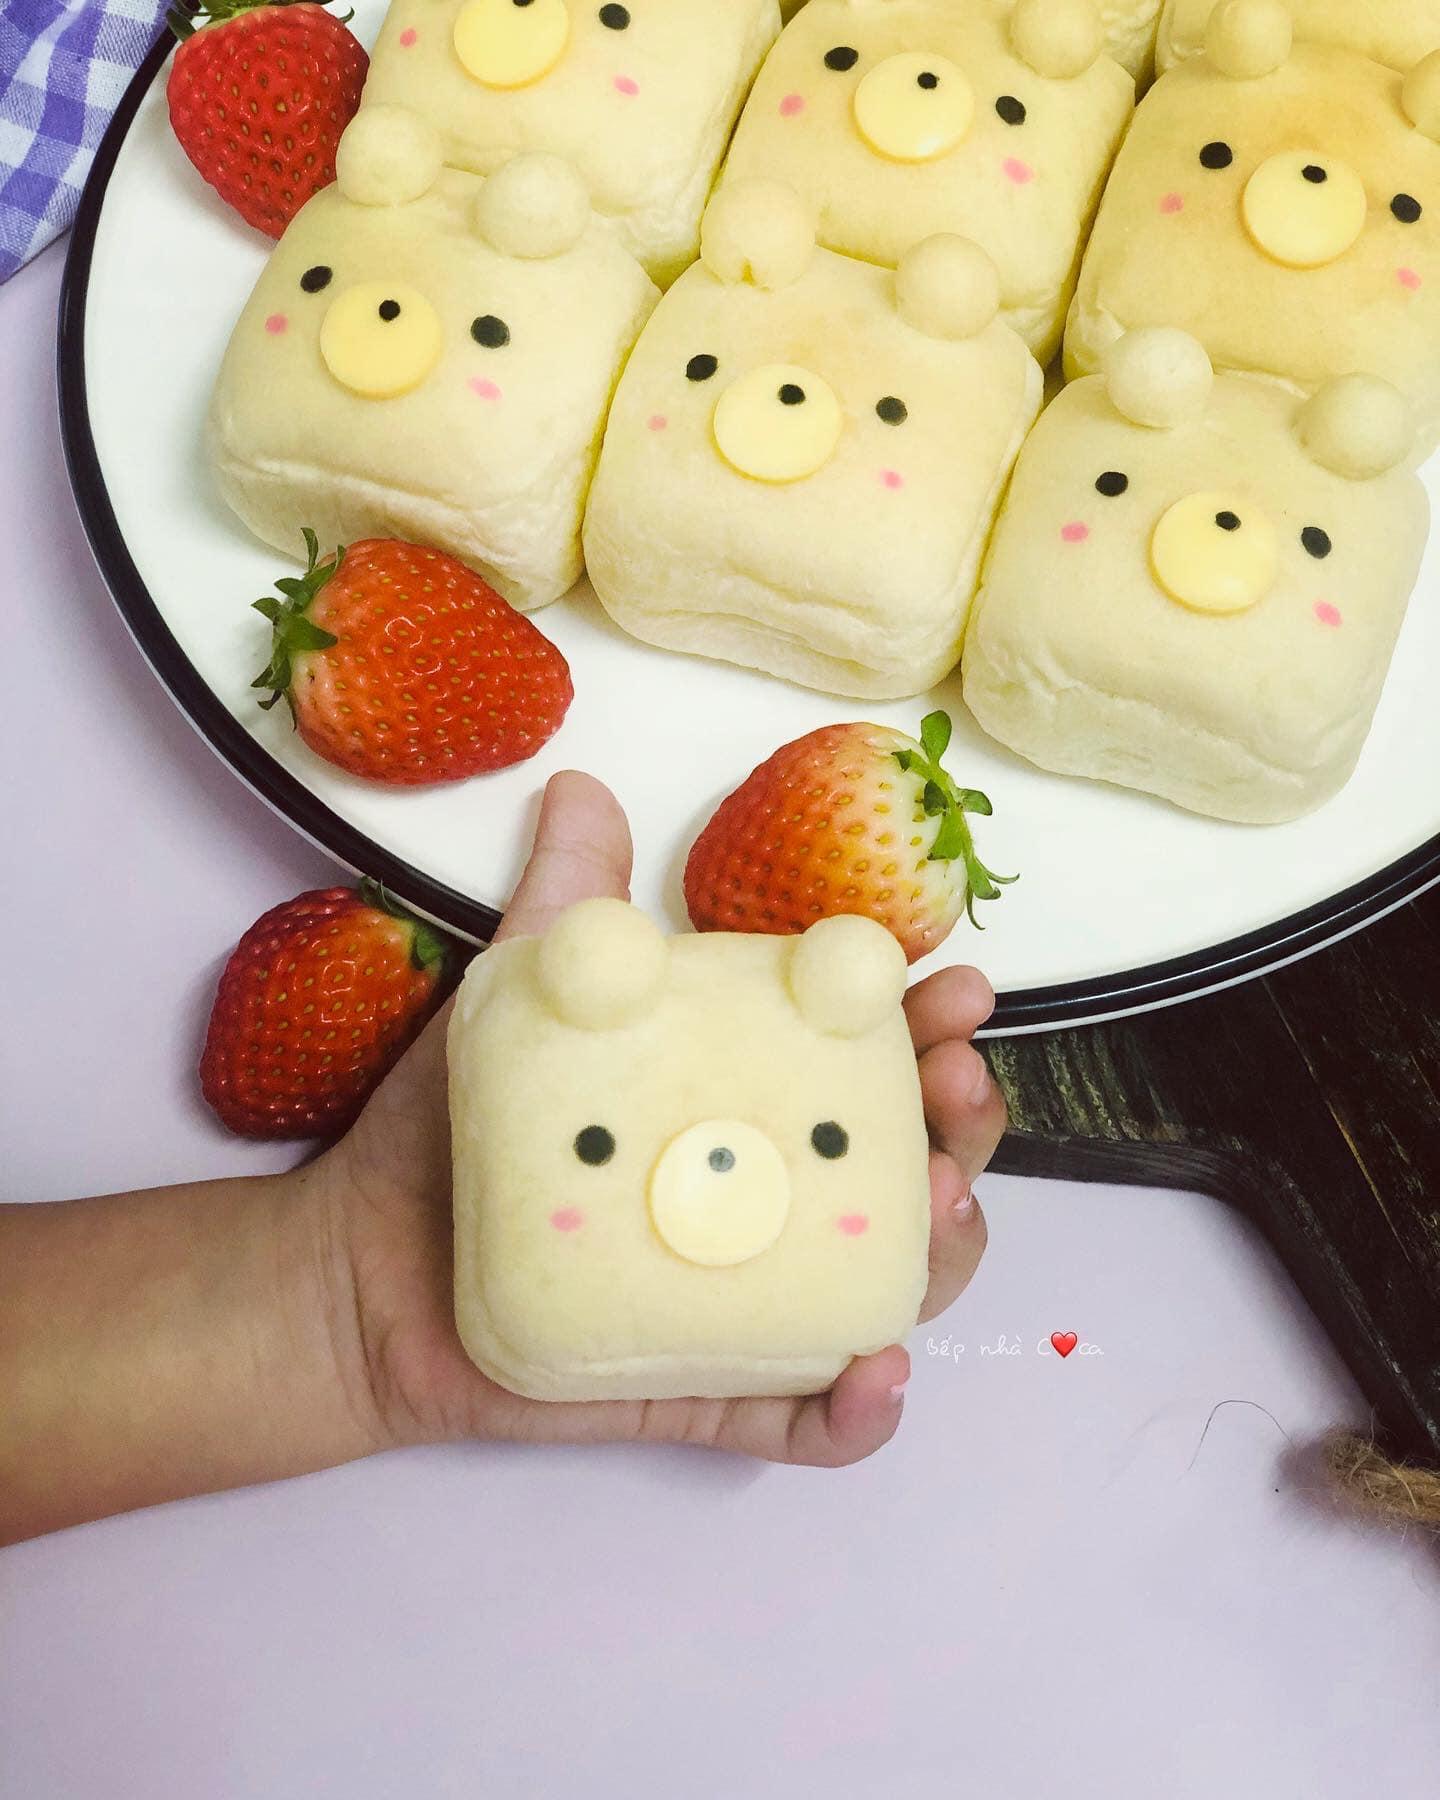 Mẹ đảm mách chị em cách làm bánh mỳ hoạt hình siêu cute khiến các bé mê tít - Ảnh 12